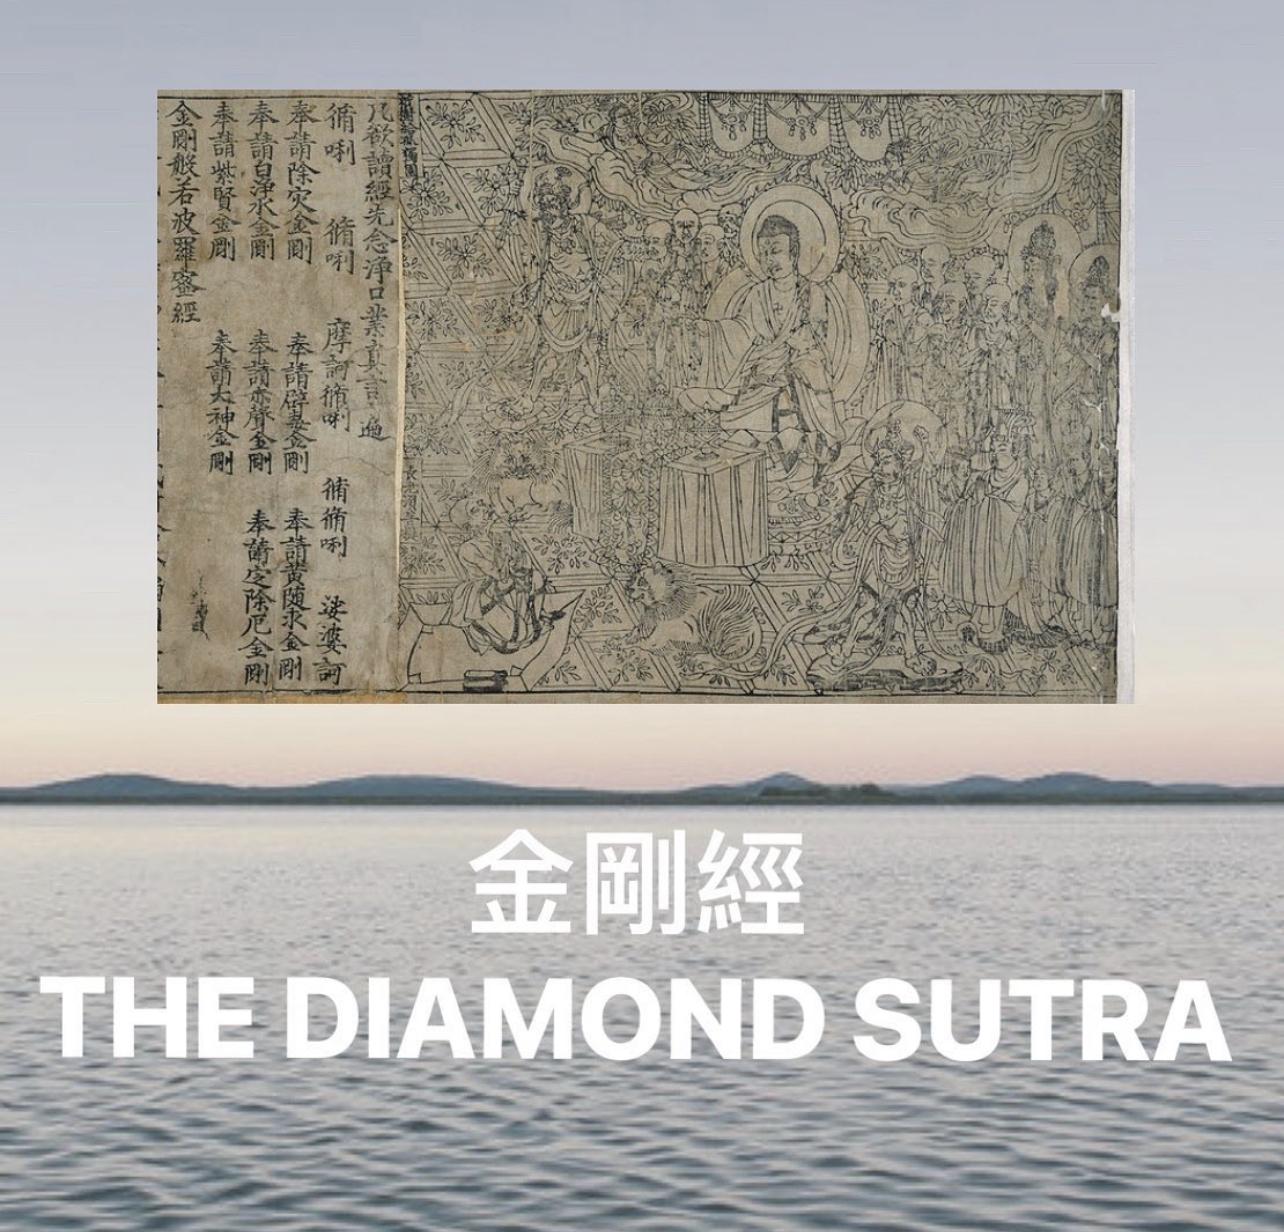 金剛經-The Diamond Sutra與十五分鐘mindfulness meditation空寂無我